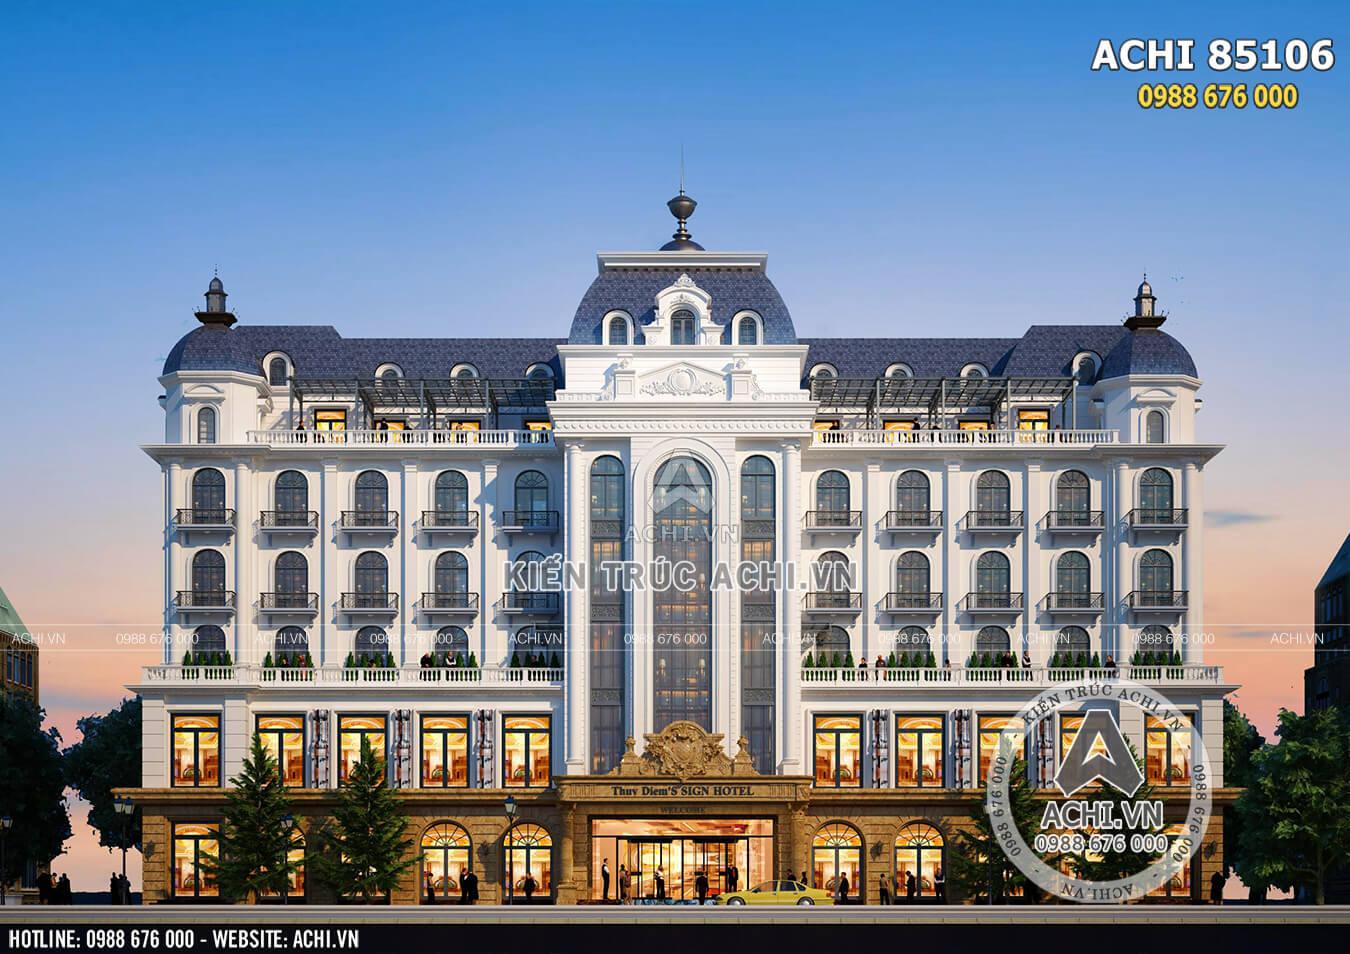 Toàn cảnh ngoại thất mẫu thiết kế khách sạn đẹp, sang trọng, đẳng cấp tiêu chuẩn 5 sao